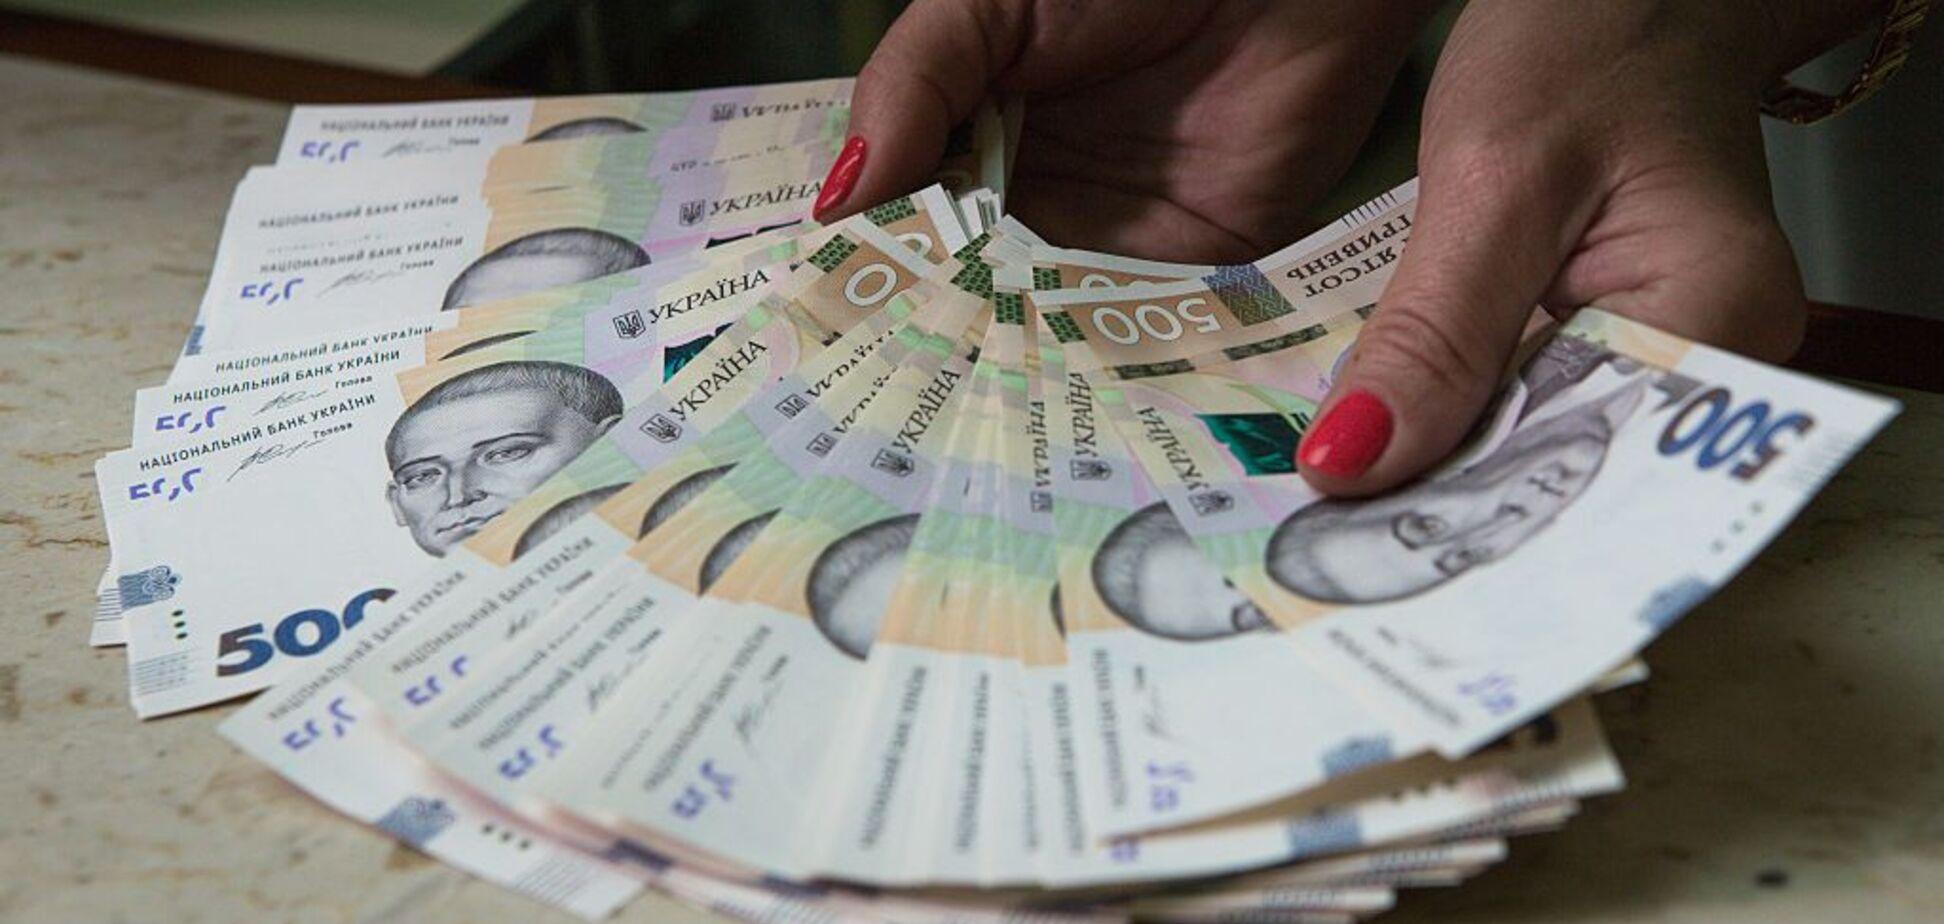 'Щоб вигравати у Польщі': в Україні визначили необхідні розміри зарплати